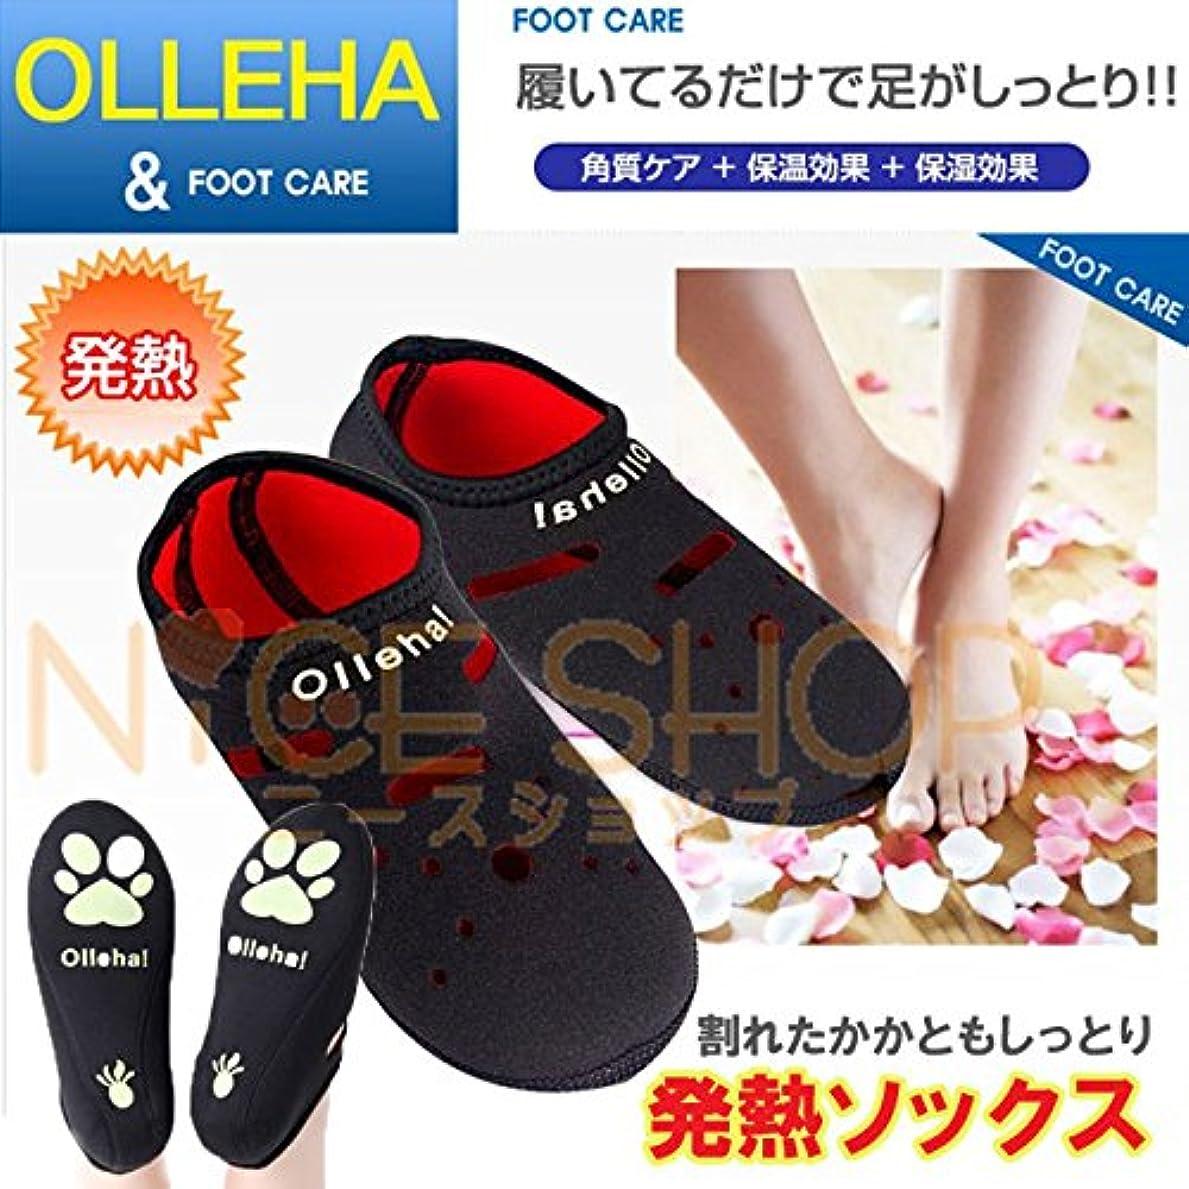 異議増幅モーテル発熱靴下(足袋)発熱ソックス、フットケアー Olleha! (L(25.0~27.5))